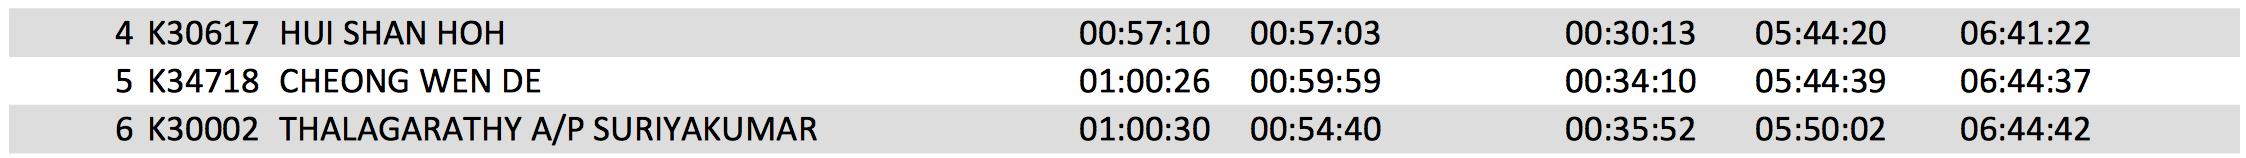 Screen Shot 2015-03-10 at 5.37.45 PM